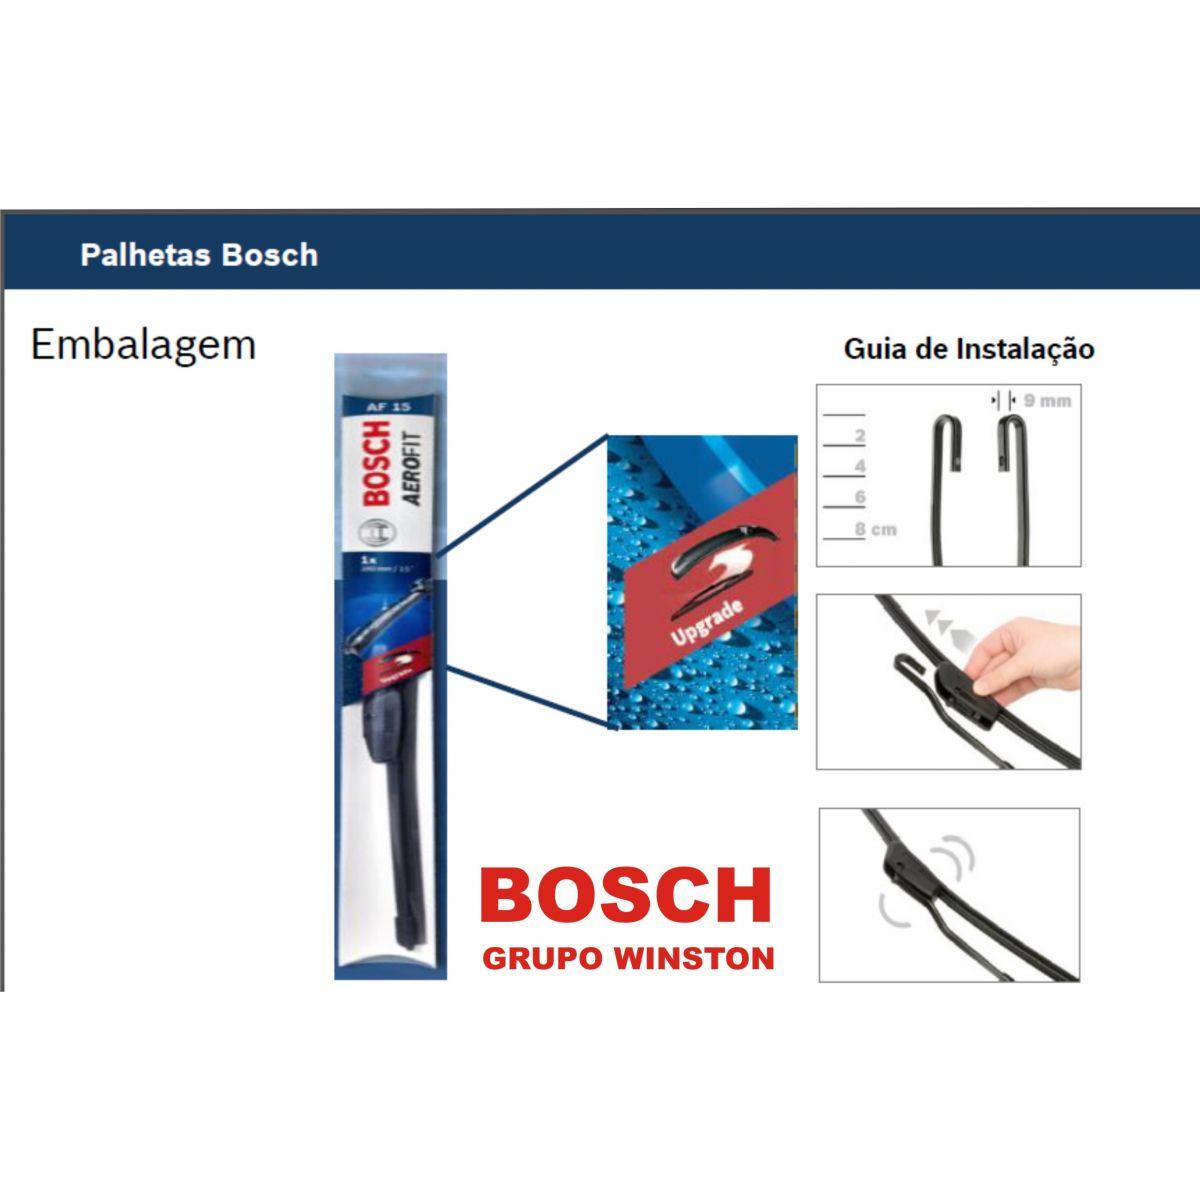 Palheta Bosch Aerofit Limpador de para brisa Bosch TOYOTA Camry Celica Hilux